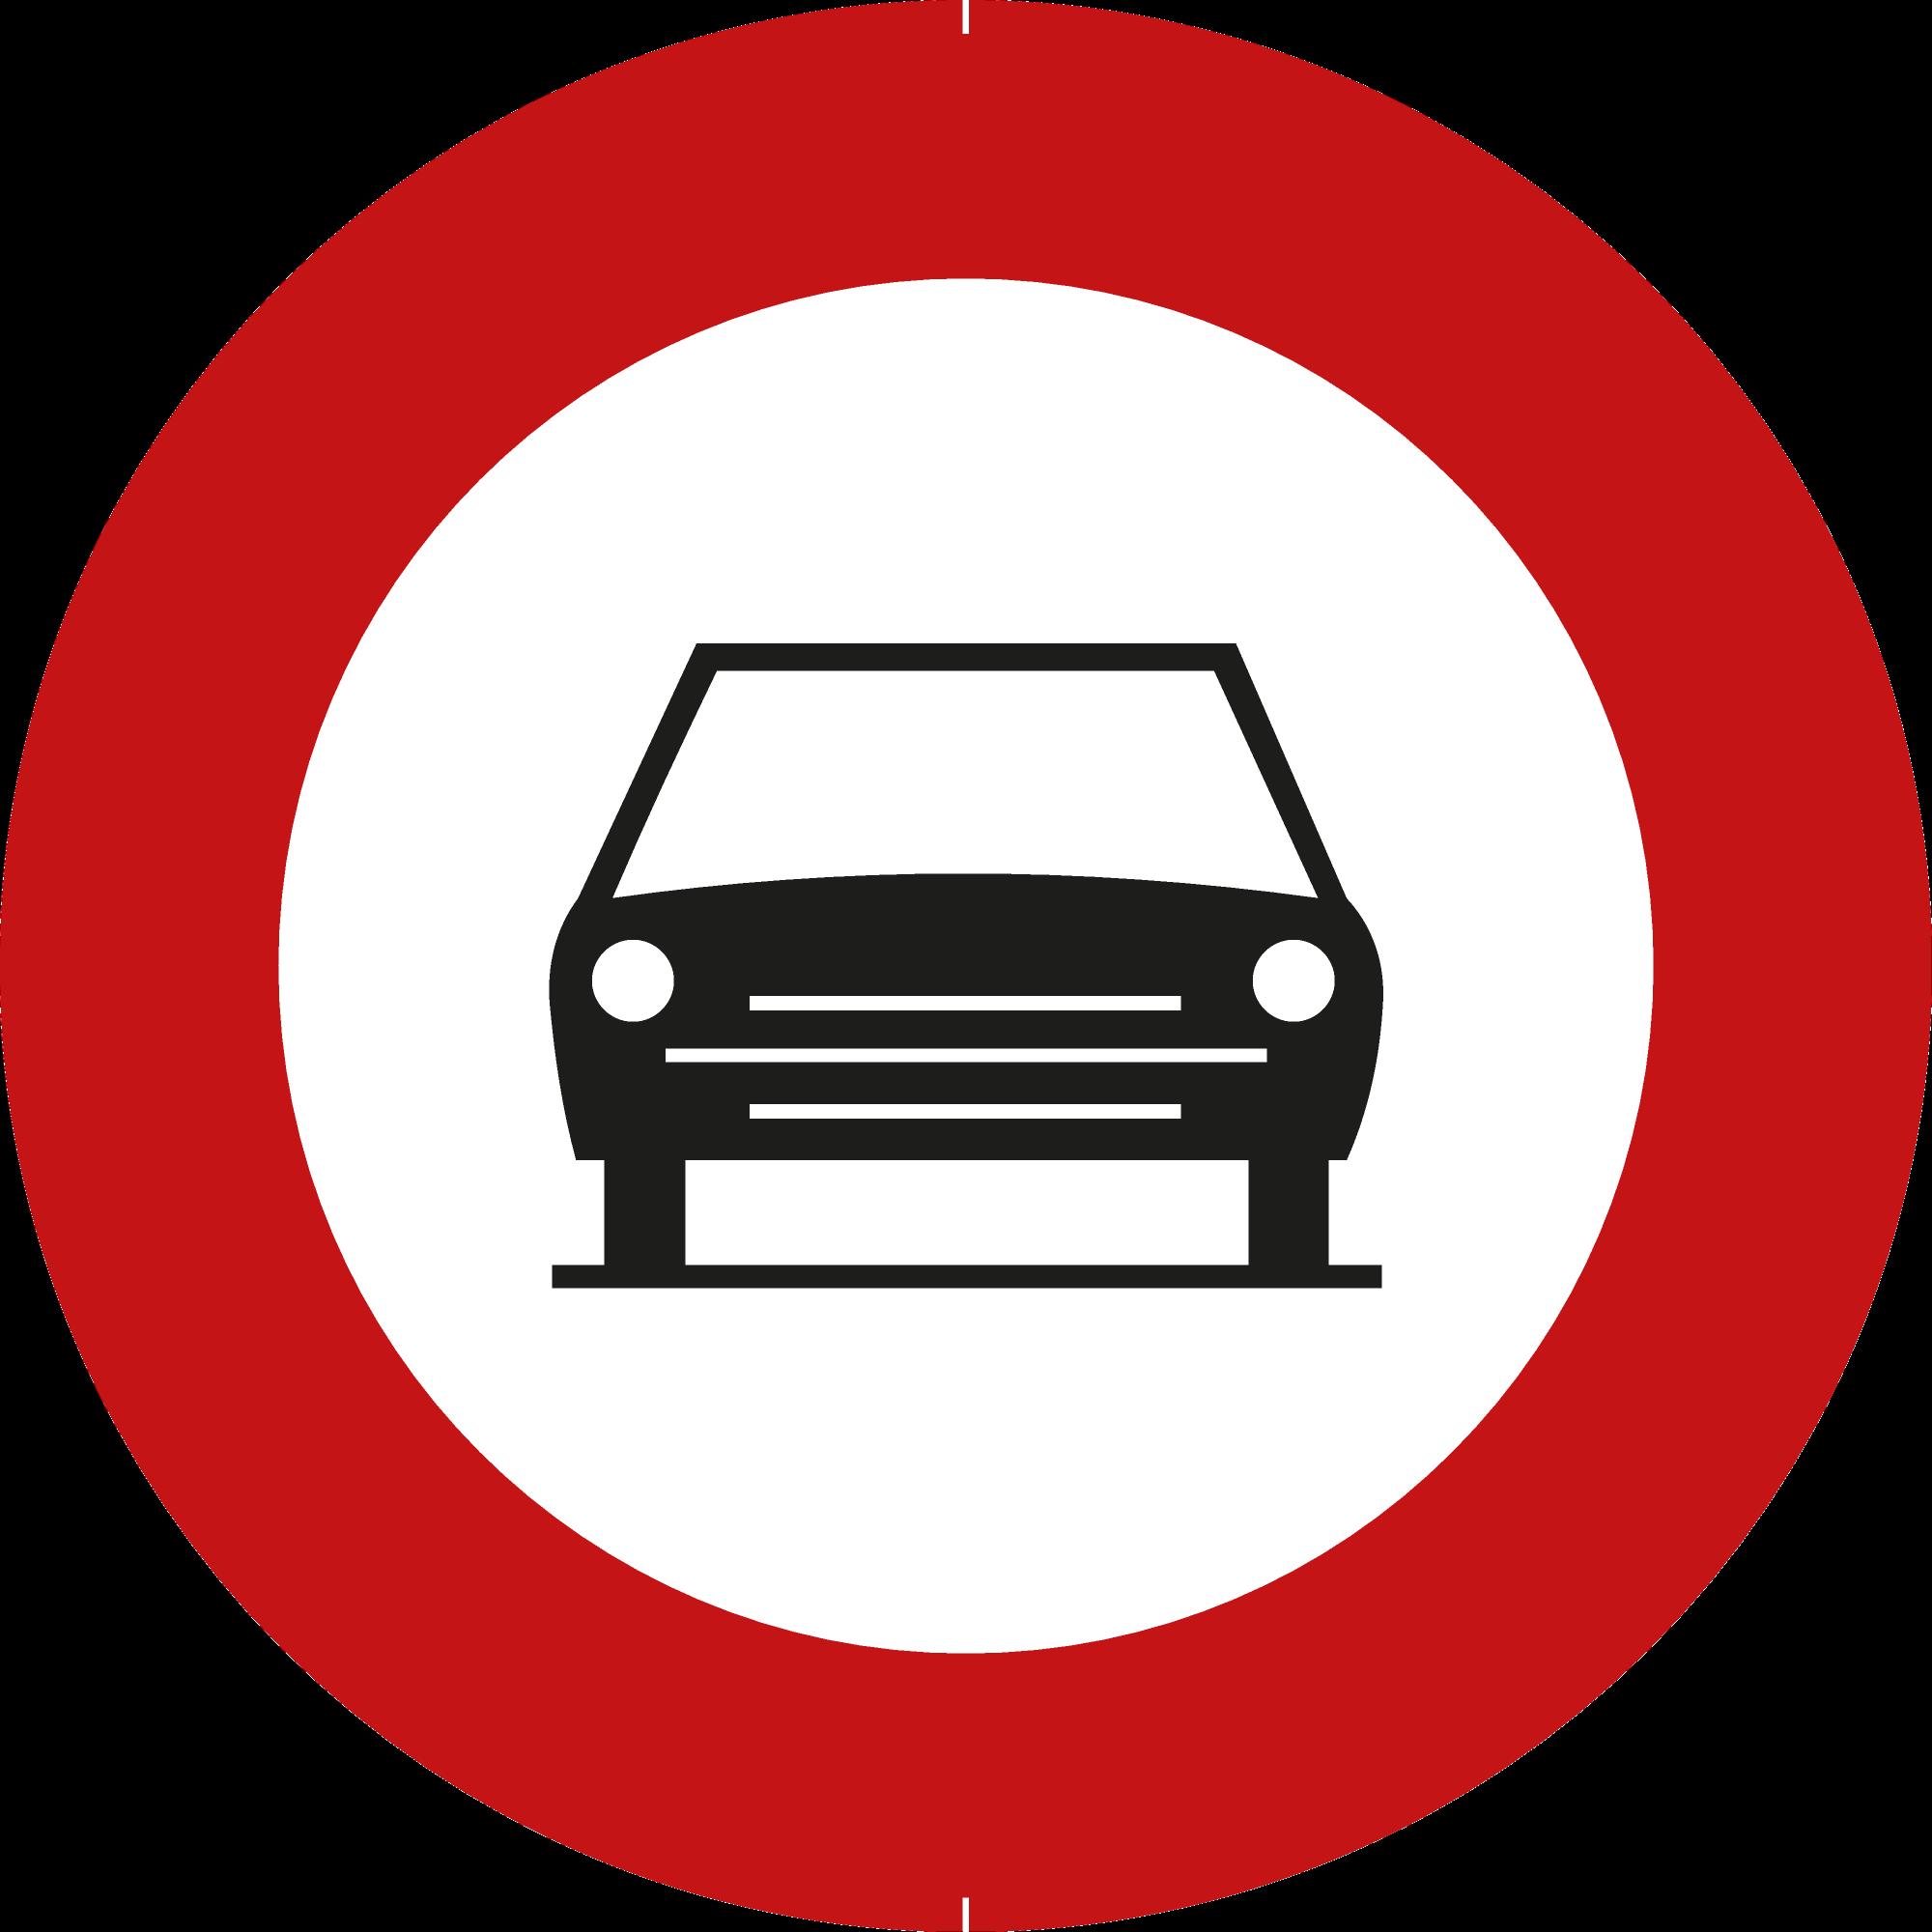 Signface - C5 - klasse  I - Ø 400 mm